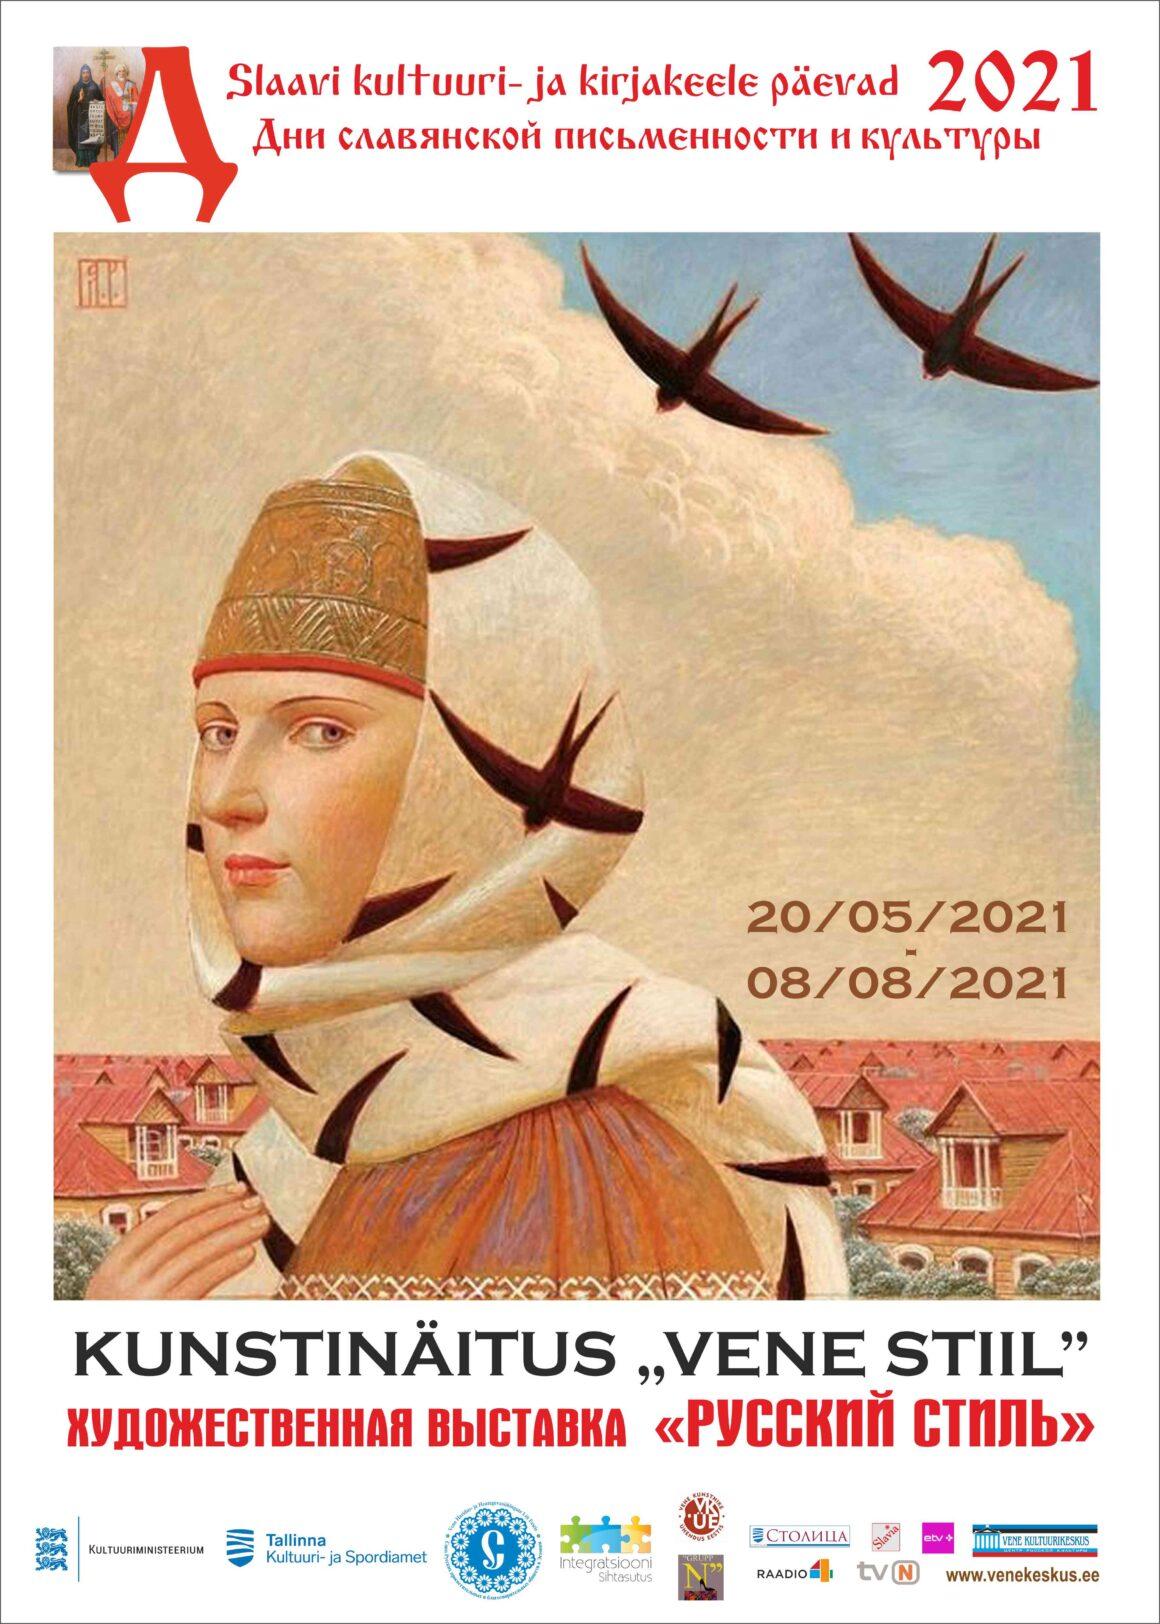 """Kunstinäituse """"Vene stiil"""" avamine"""